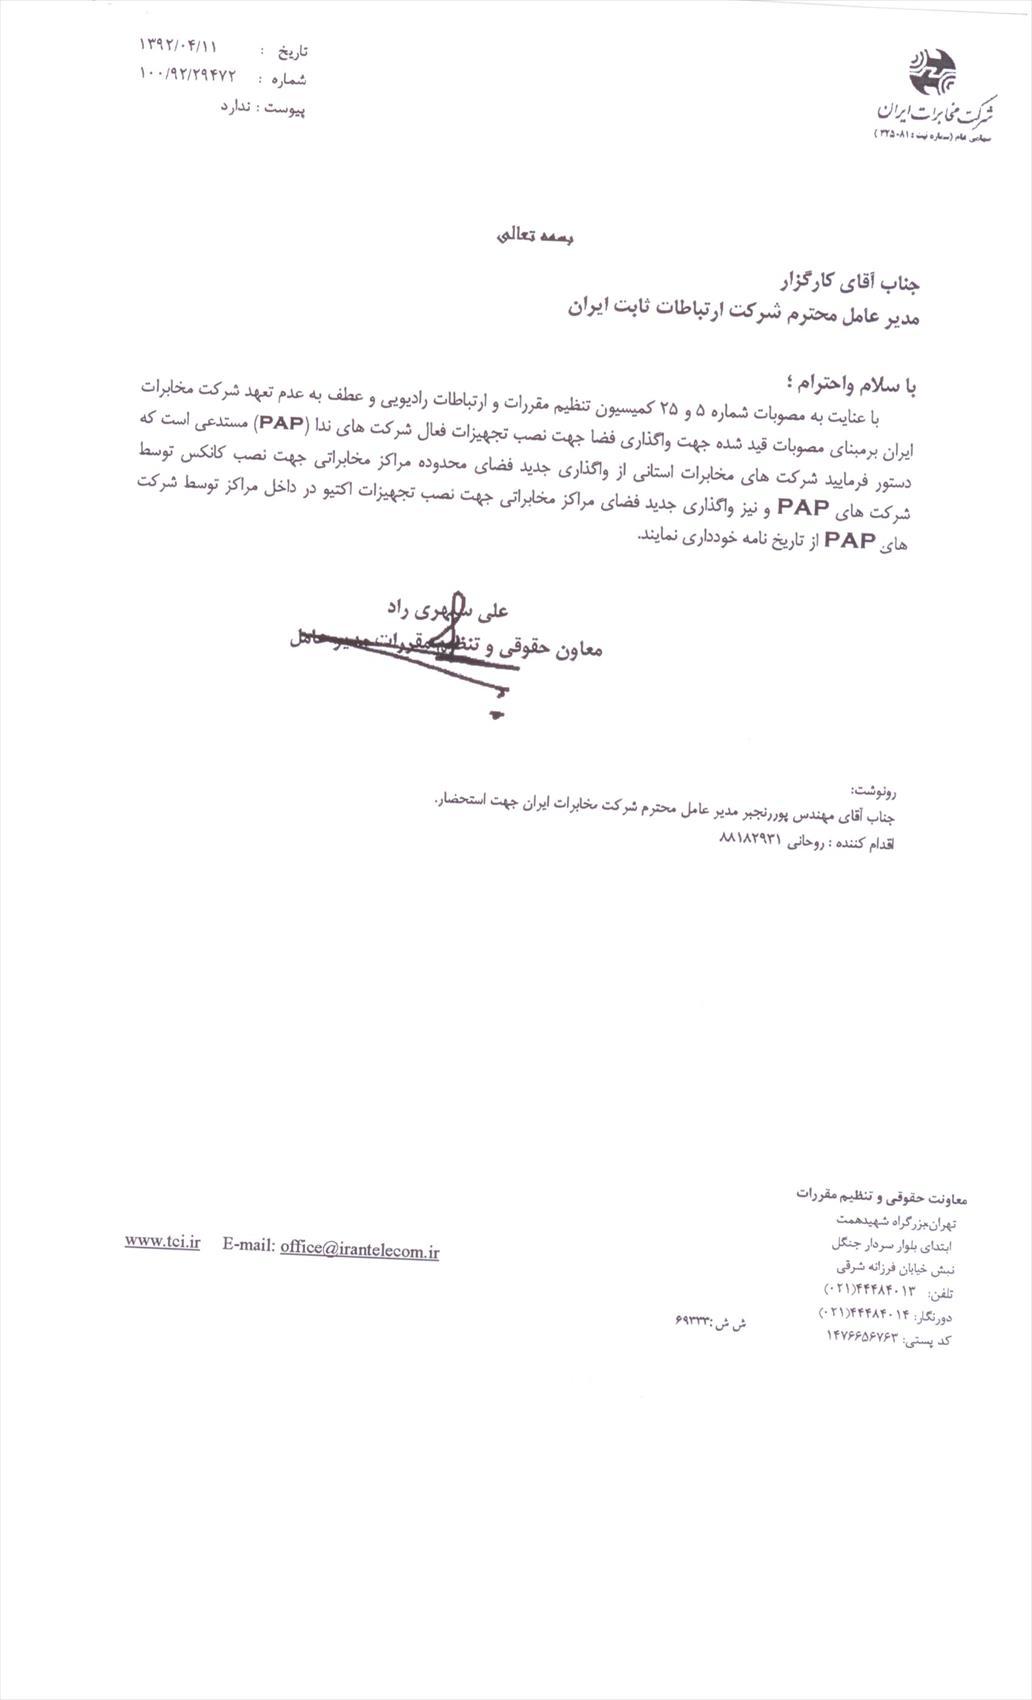 نامه عجیب معاون حقوقی شرکت مخابرات ایران:همکاری با اپراتورهای ADSL را متوقف کنید!